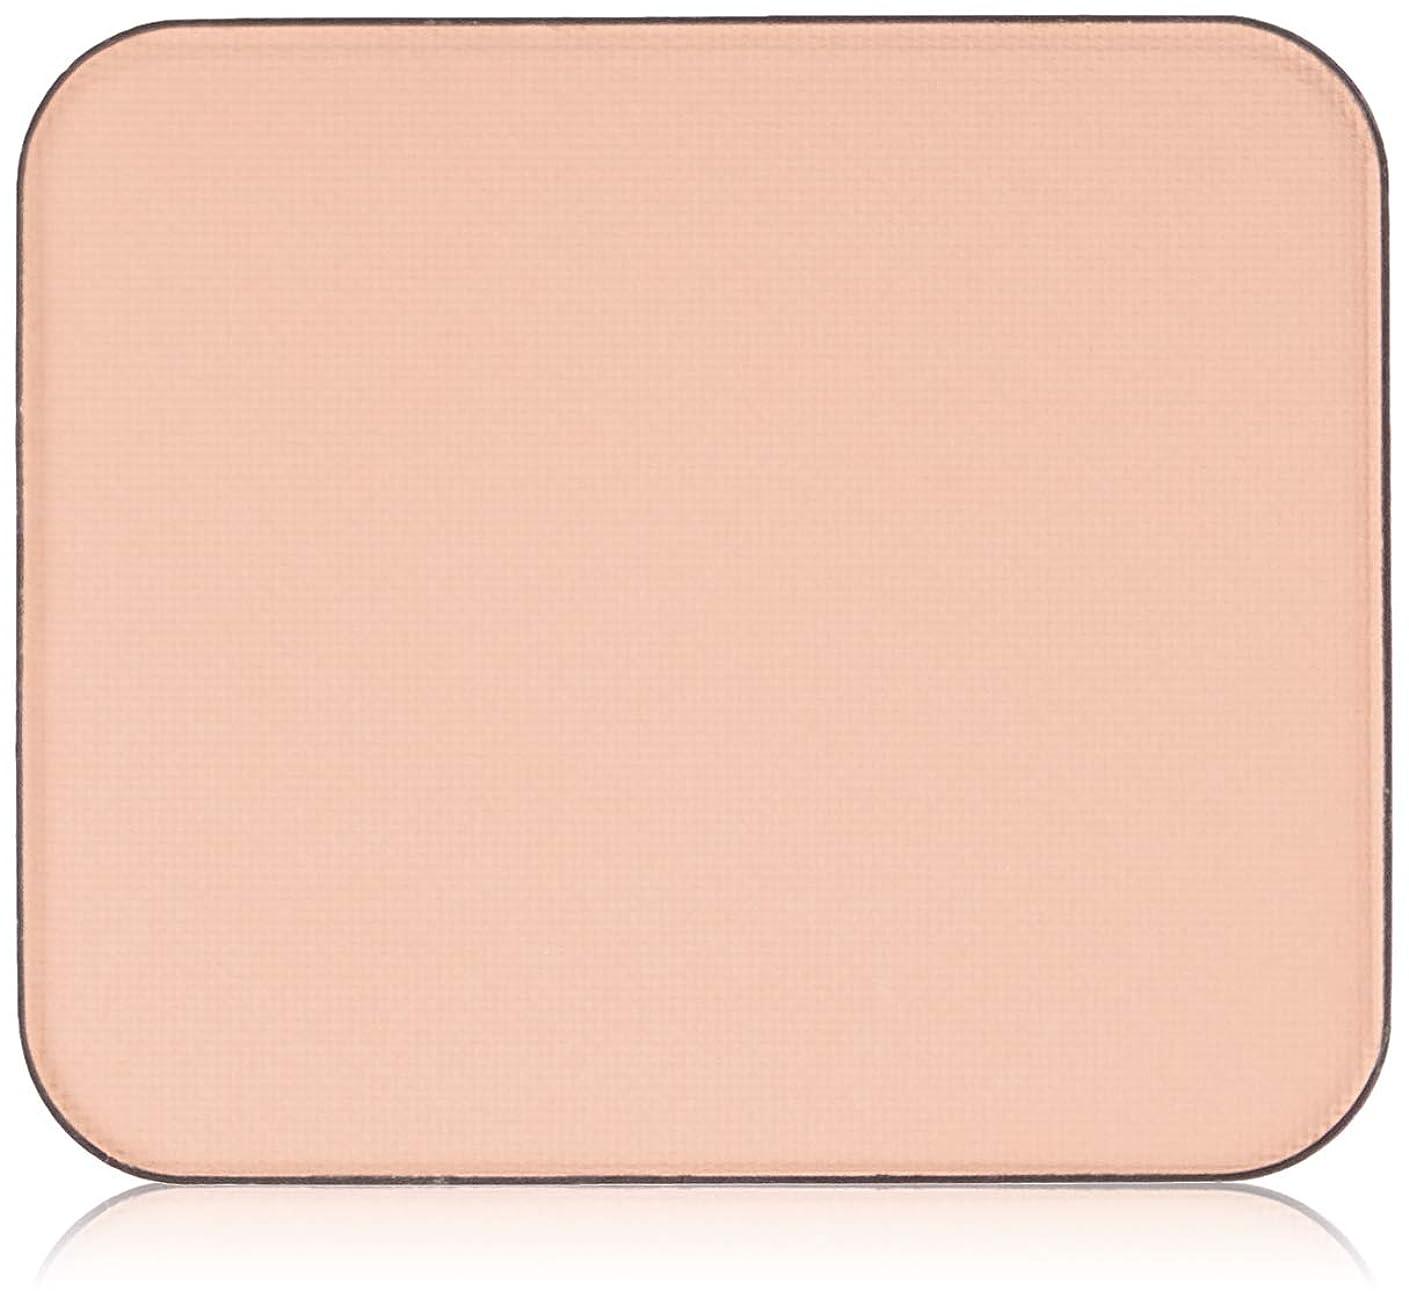 国民トレイかかわらずCelvoke(セルヴォーク) インテントスキン パウダーファンデーション 全5色 101 明るいピンクオークル系